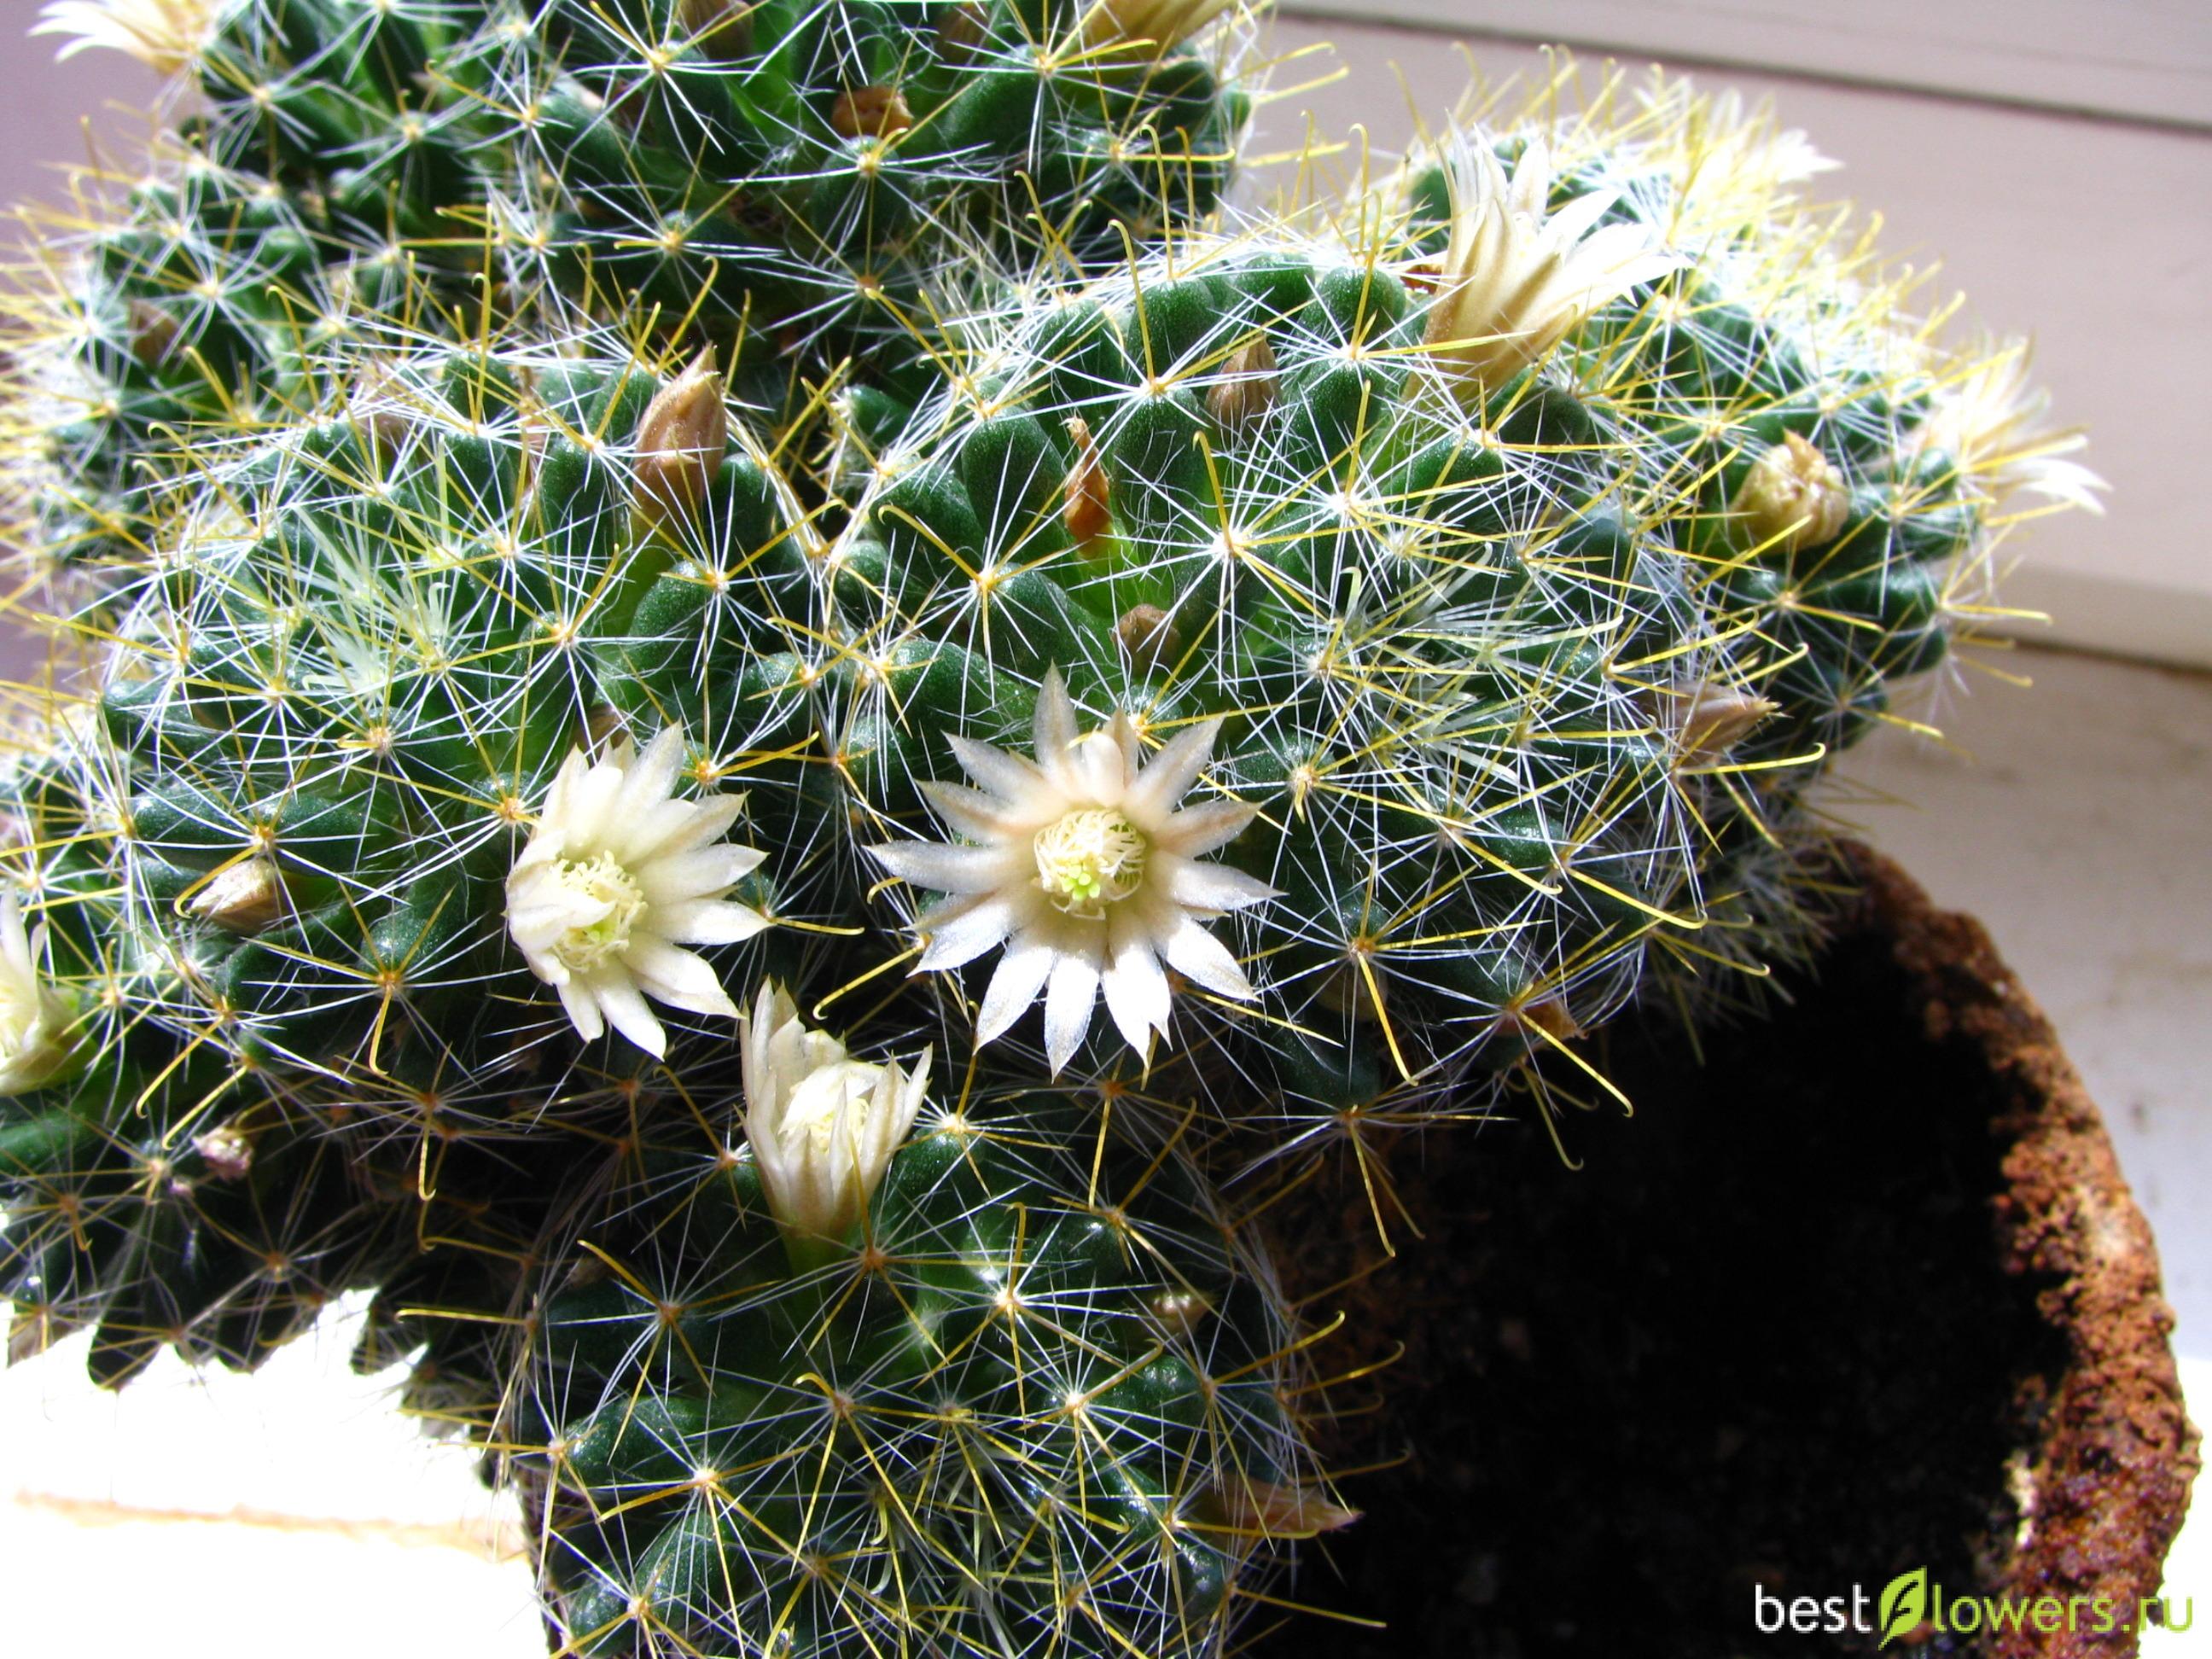 Маммиллярия микс: уход за кактусами в домашних условиях, фото растений, заболевания и вредители, похожие цветы